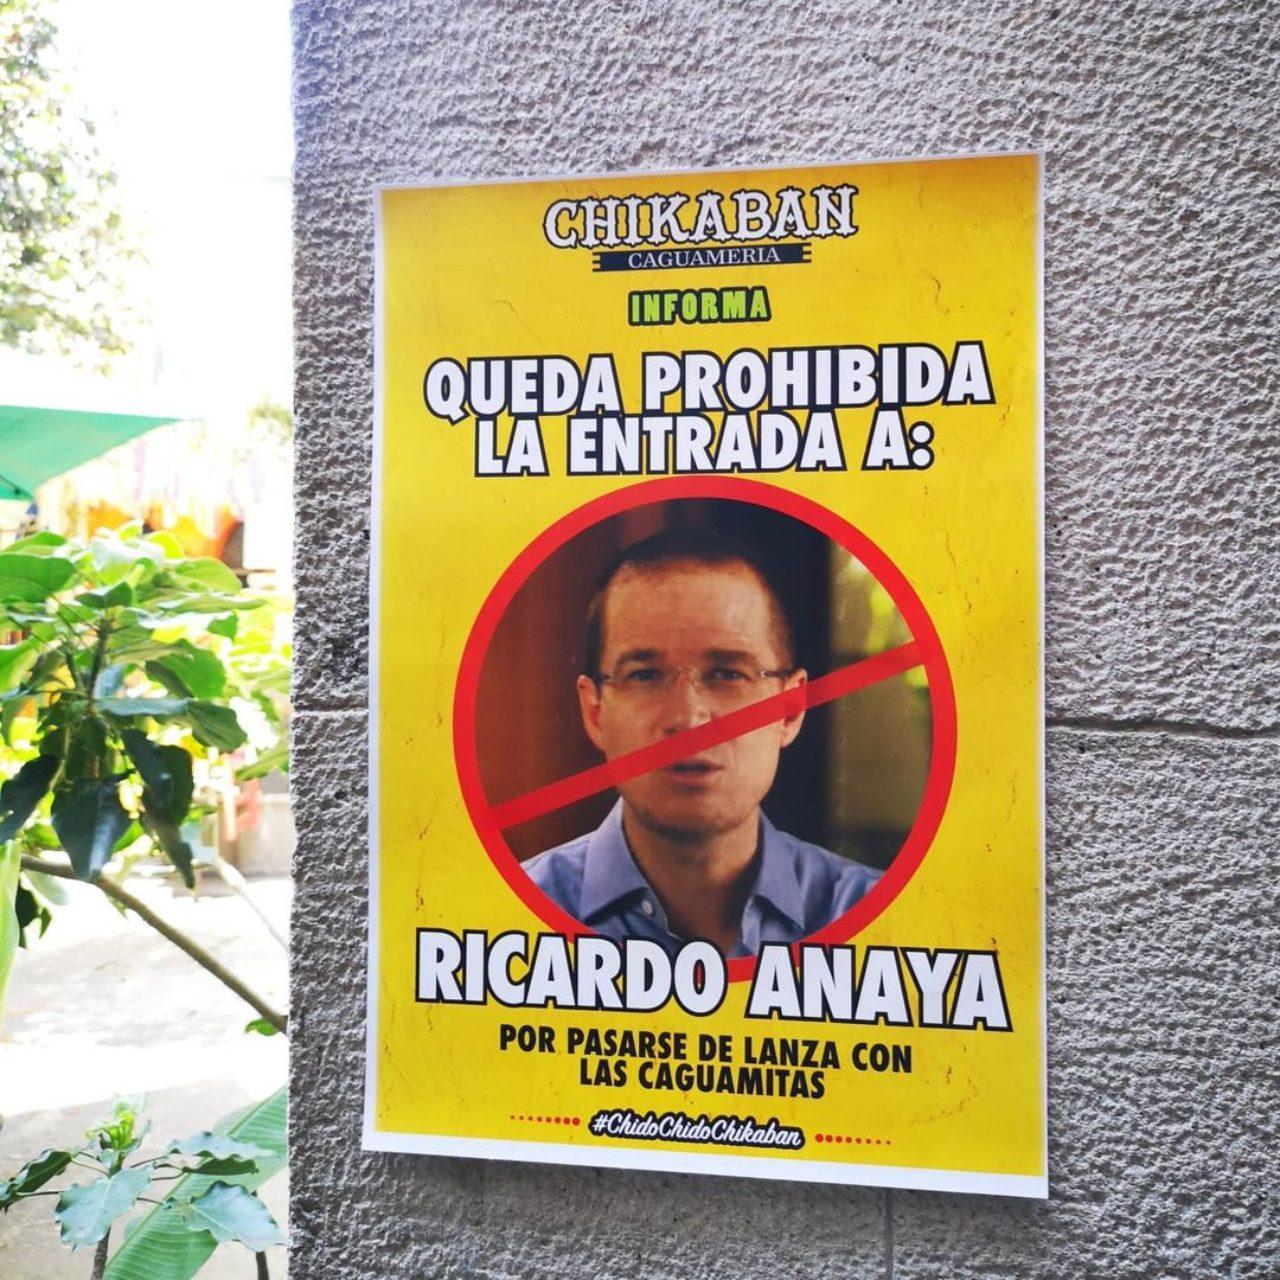 Publicidad de Ricardo Anaya